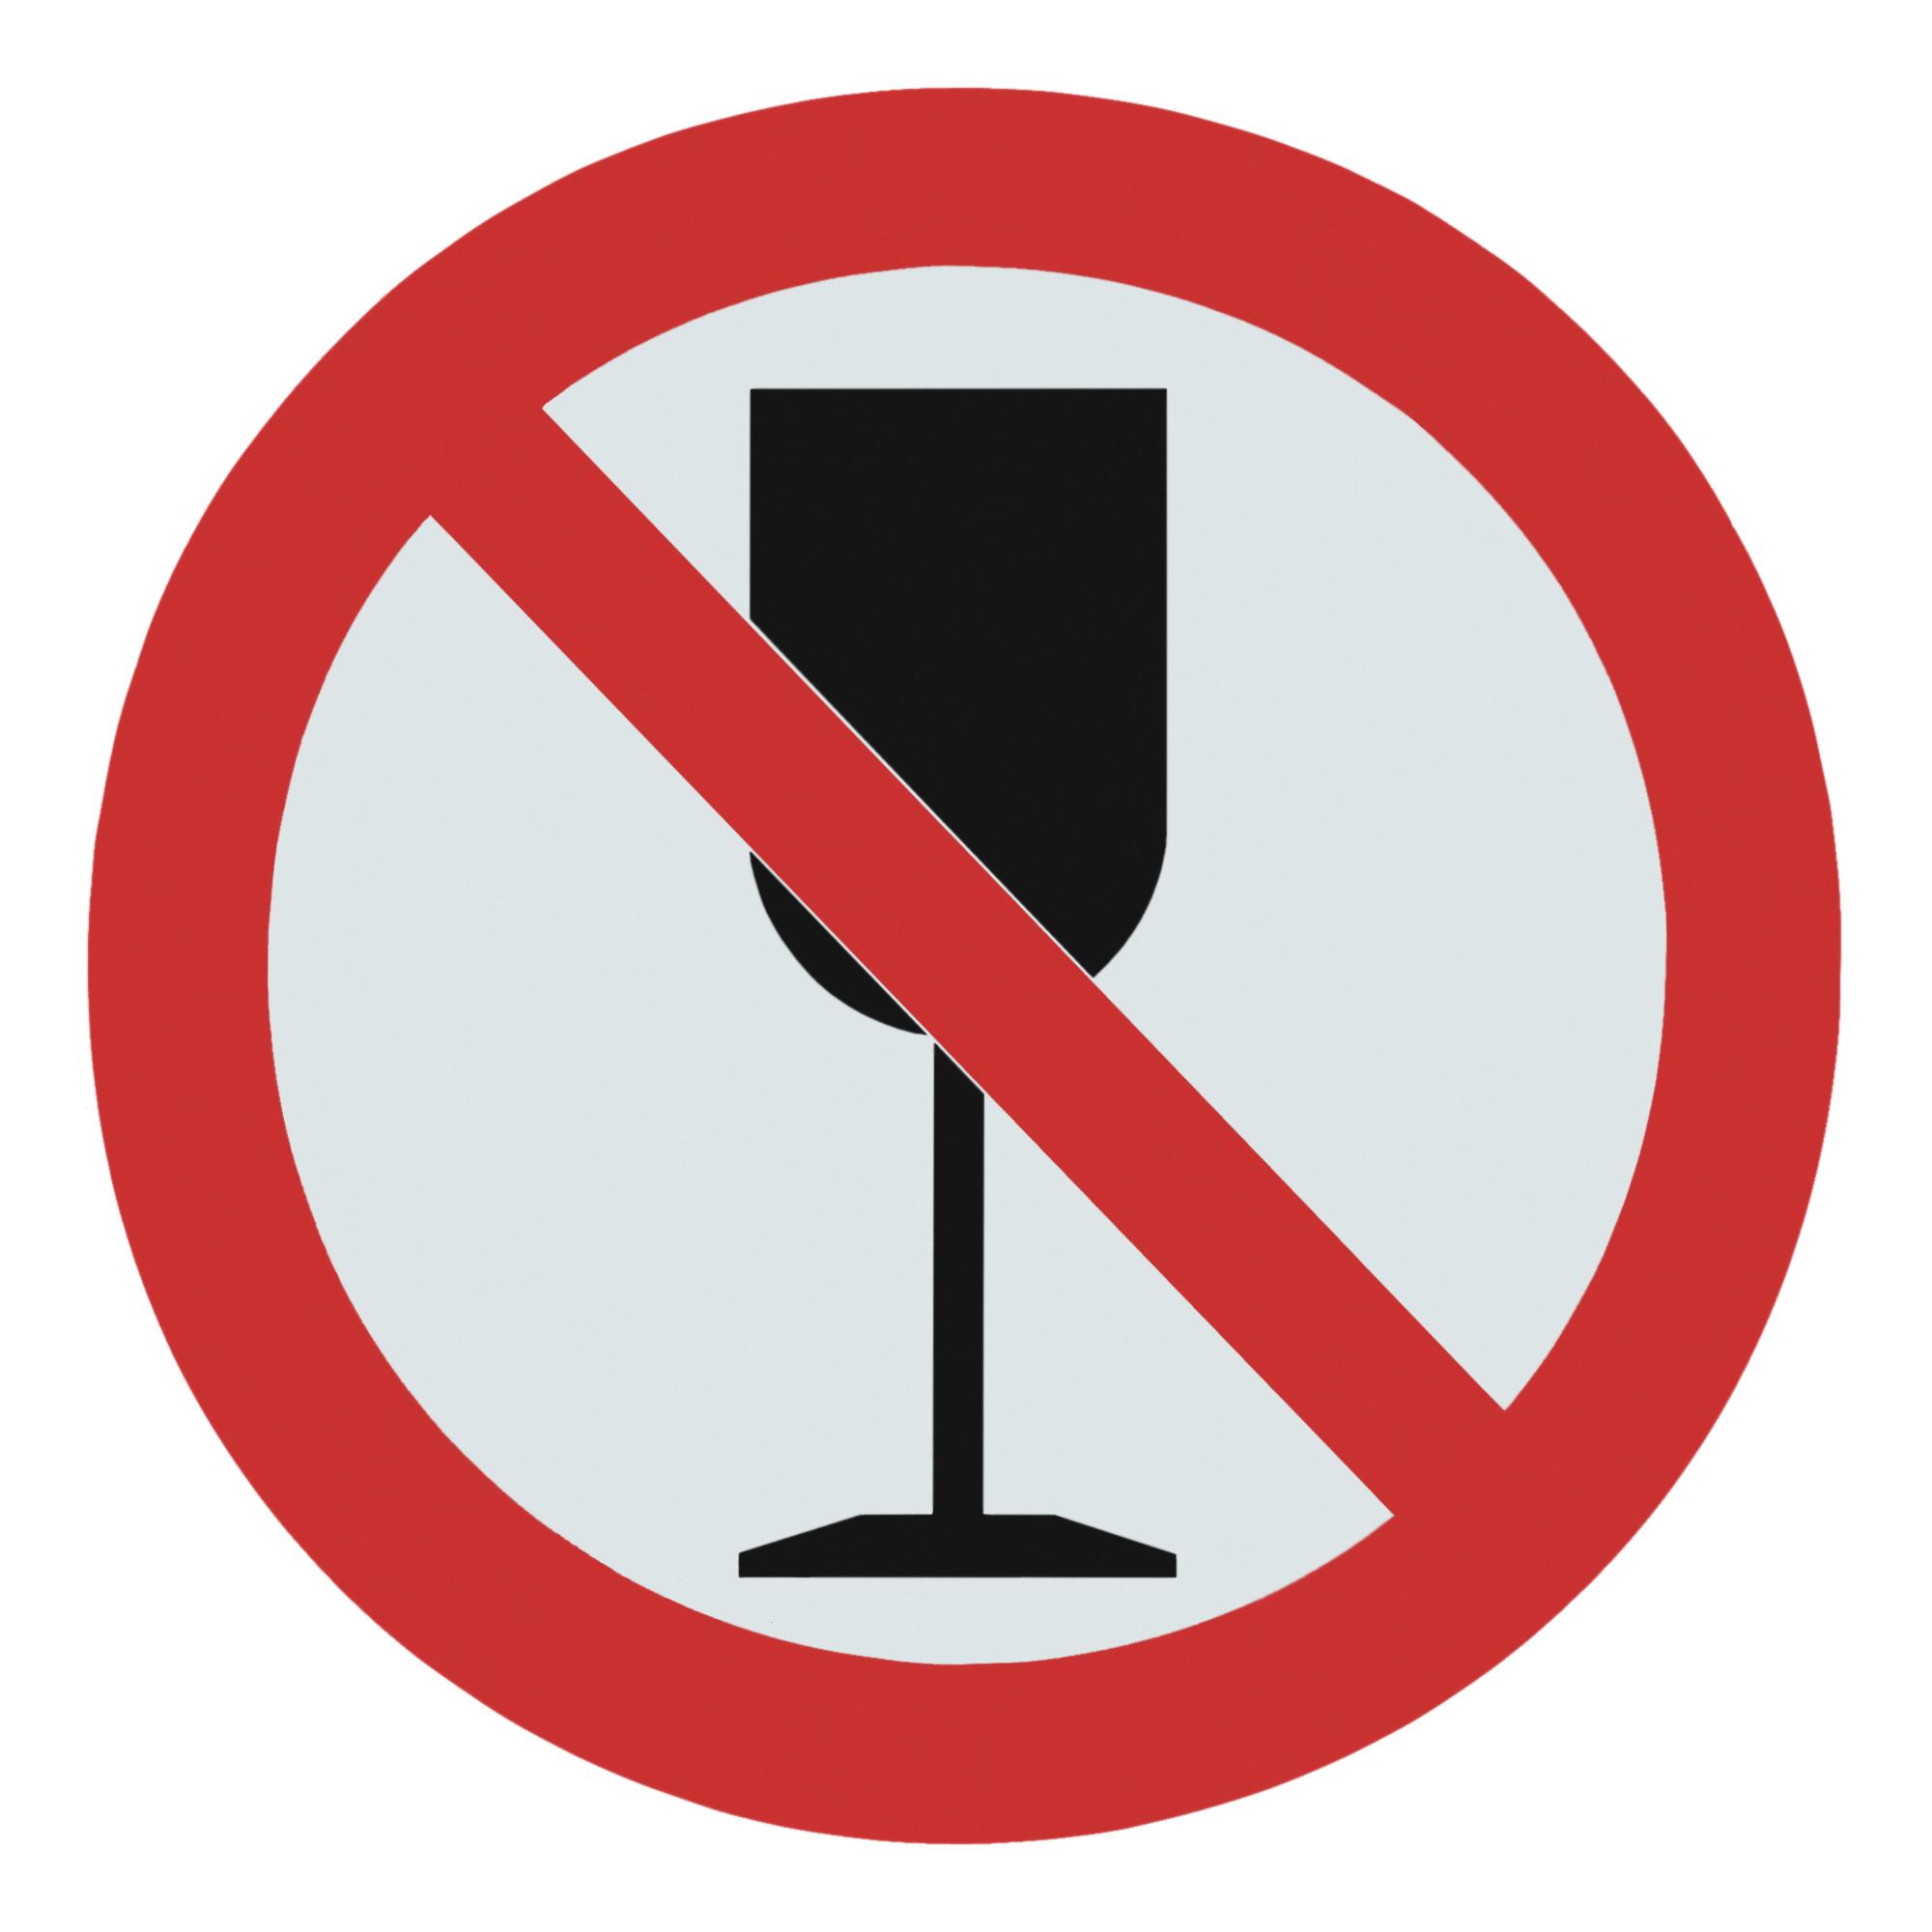 Cамооценка уровня потребления алкоголя